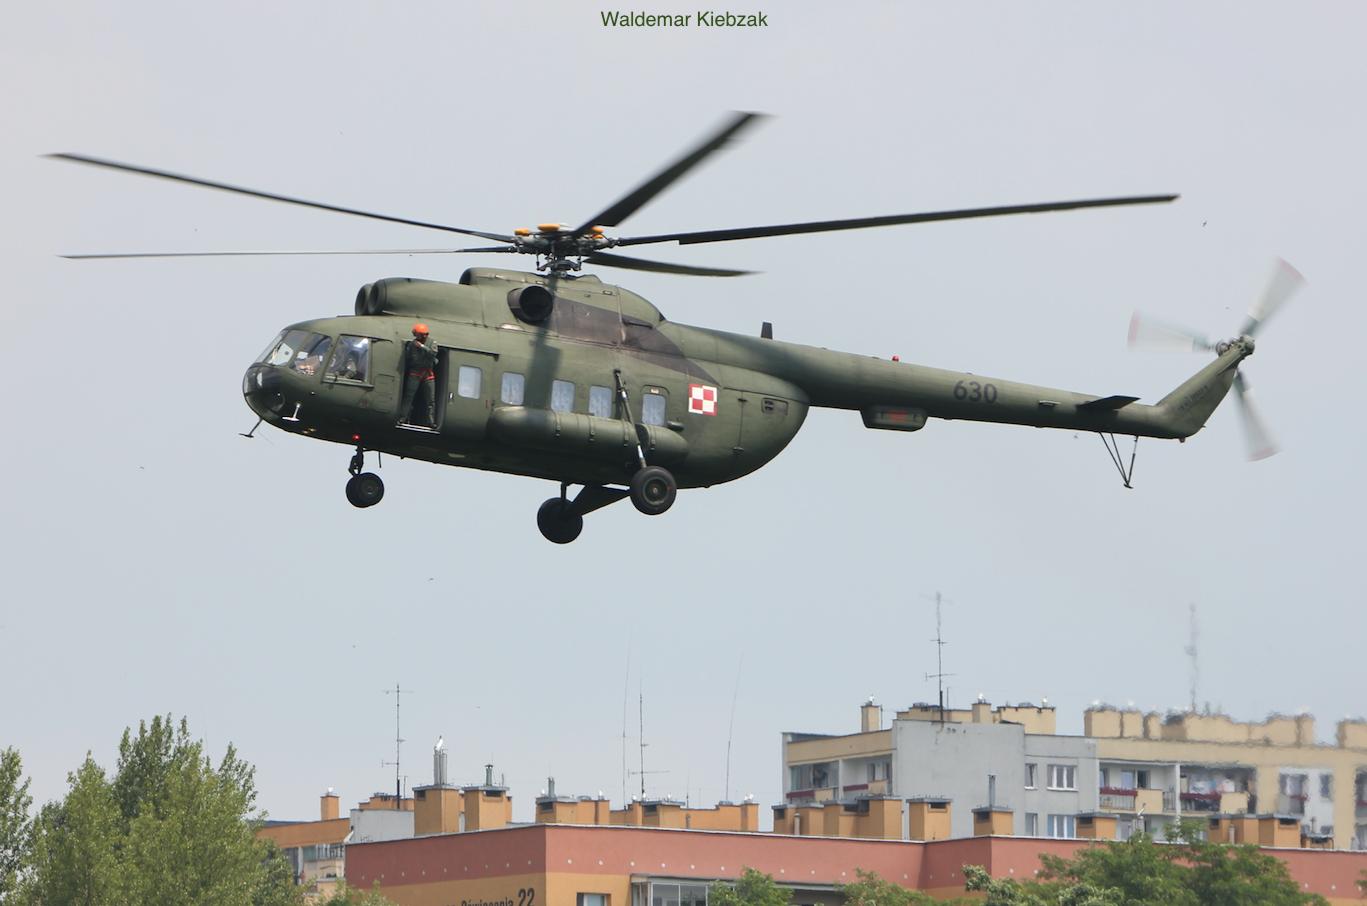 Mi-8 PS Nb 630. 2017 rok. Zdjęcie Waldemar Kiebzak